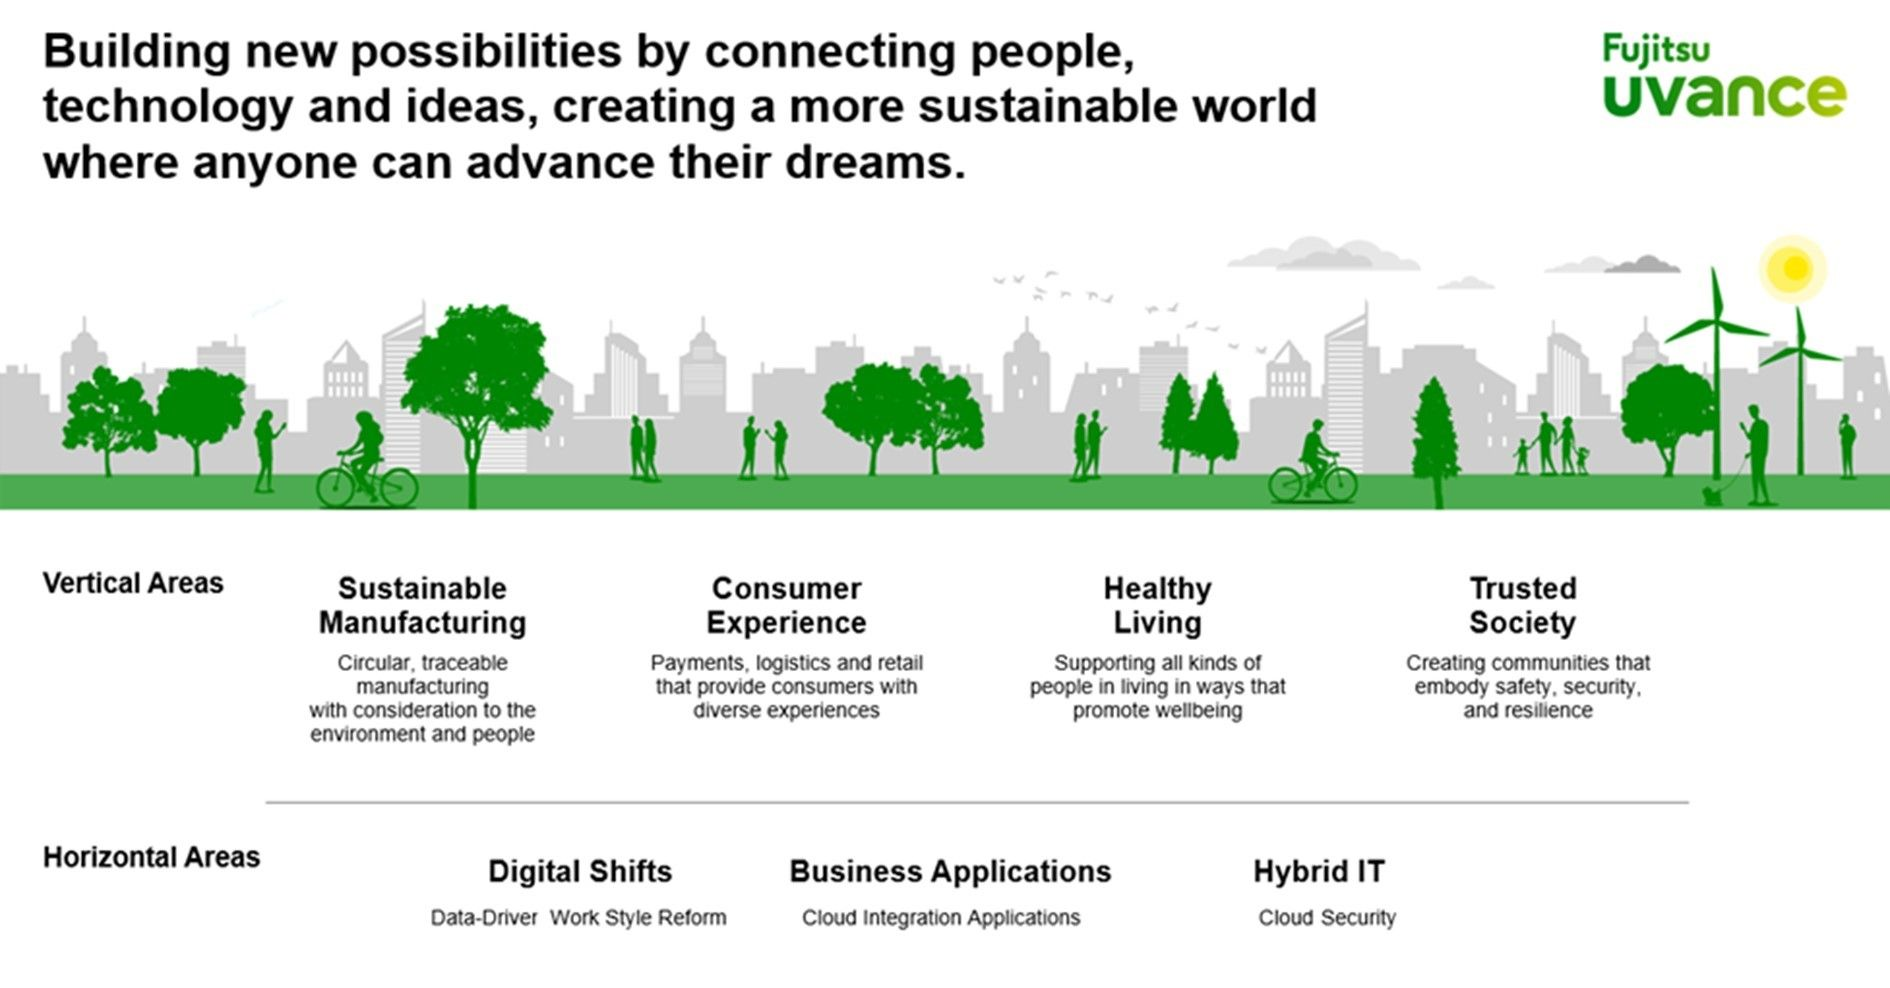 Fujitsu presenta la nueva marca empresarial global Fujitsu Uvance para crear un mundo sostenible y resolver problemas sociales a través de la Innovación Digital